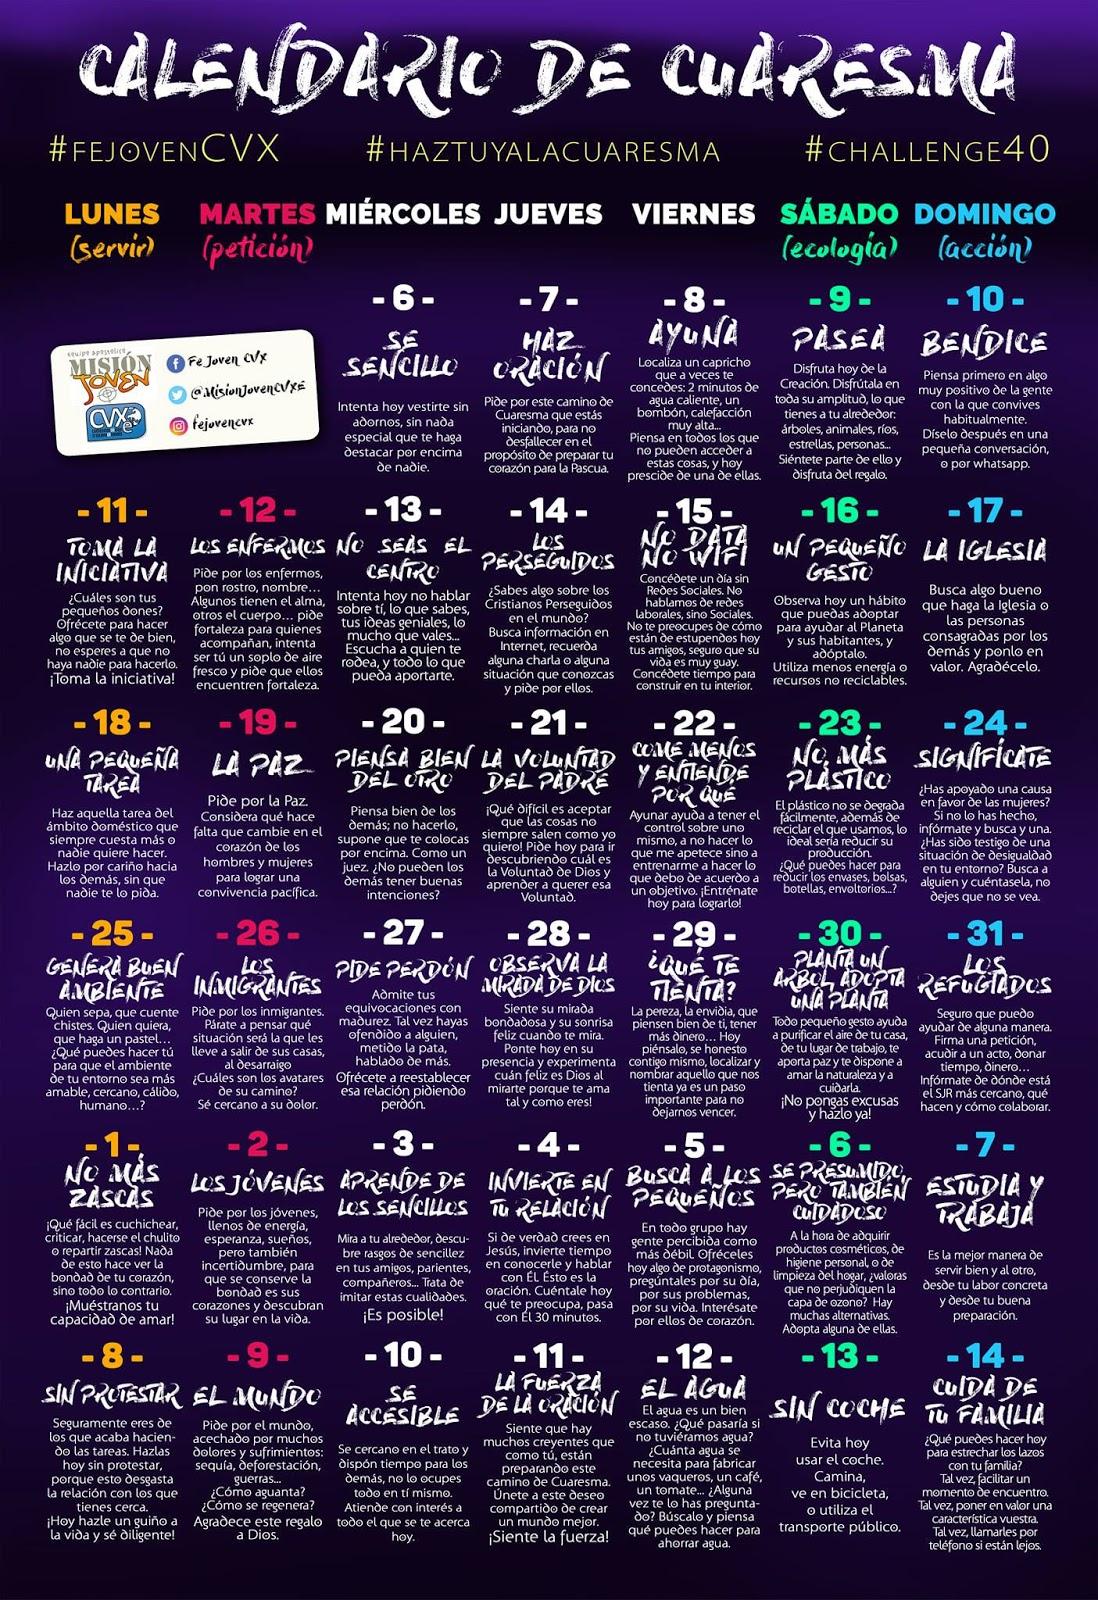 Calendario_de_Cuaresma_Challenge40_FejovenCVX